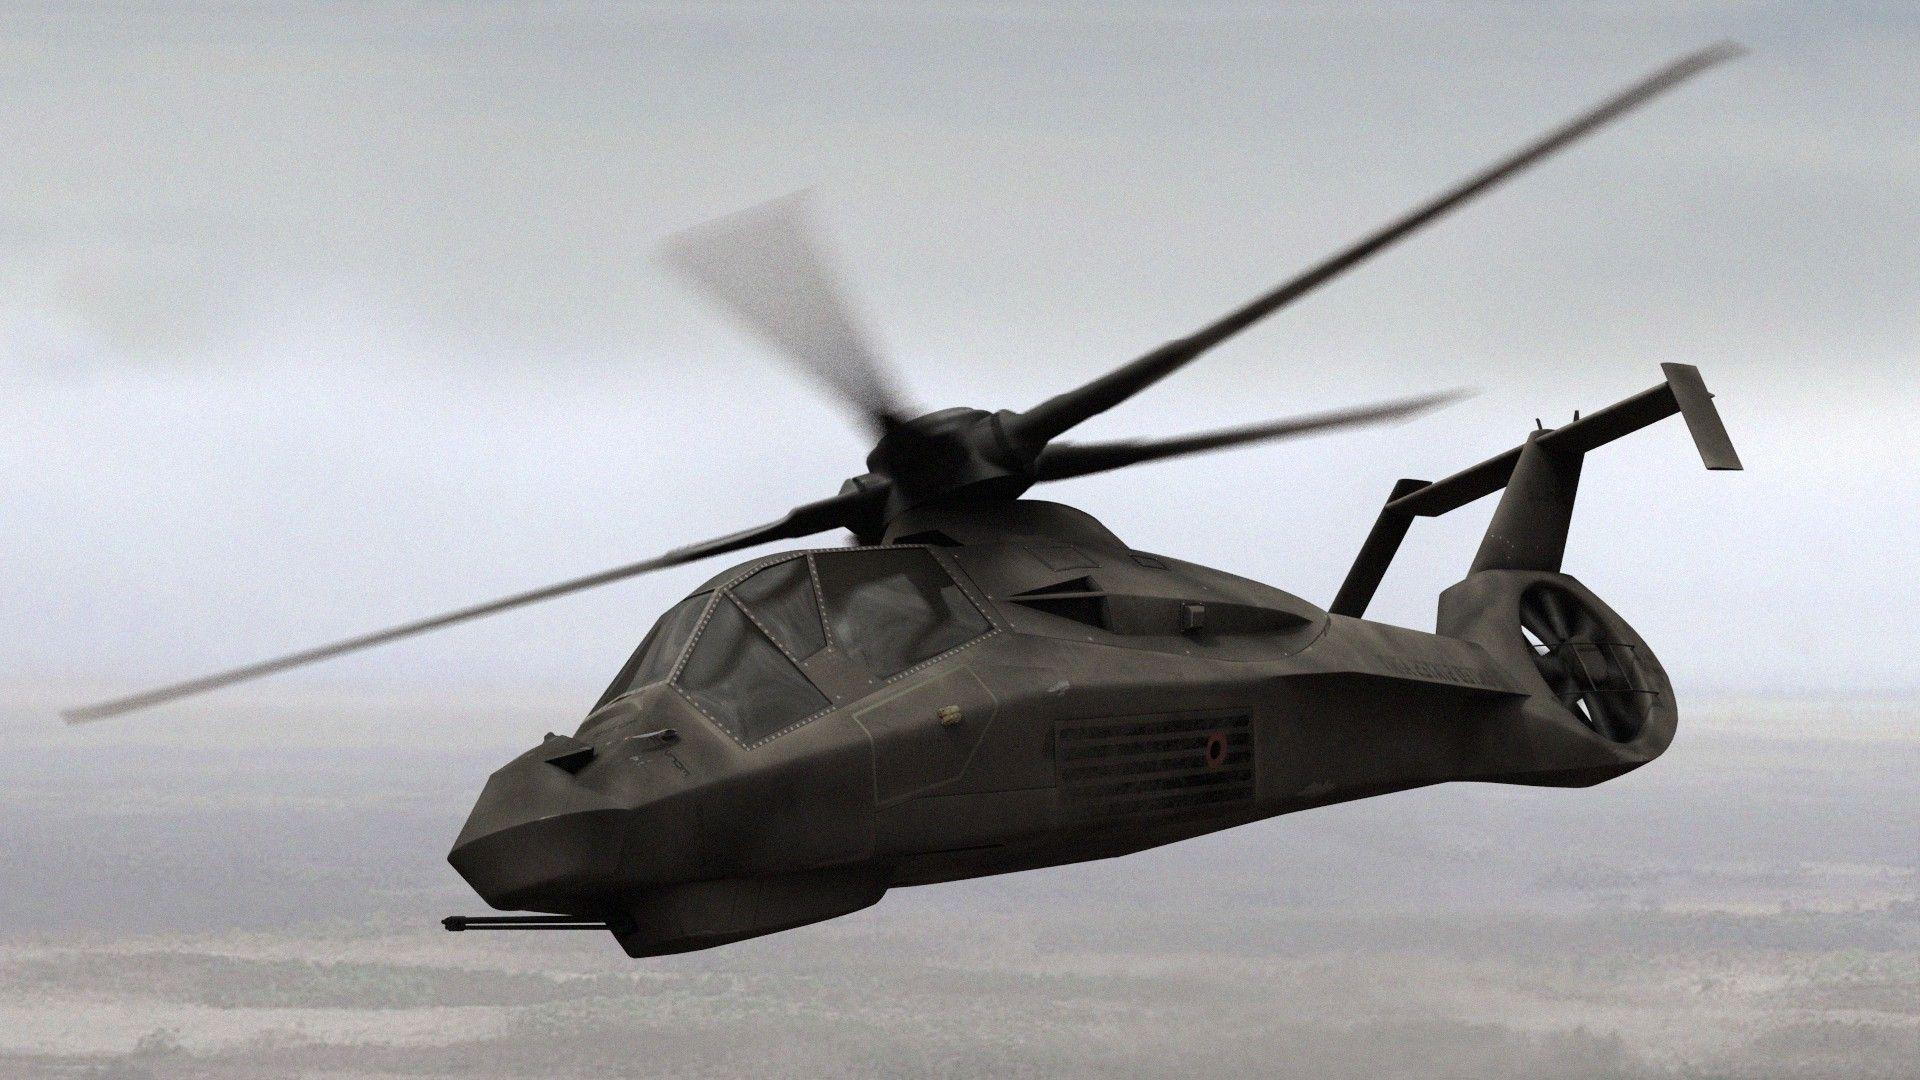 boeing-sikorsky rah-66 comanche helicopter | tasarım / design